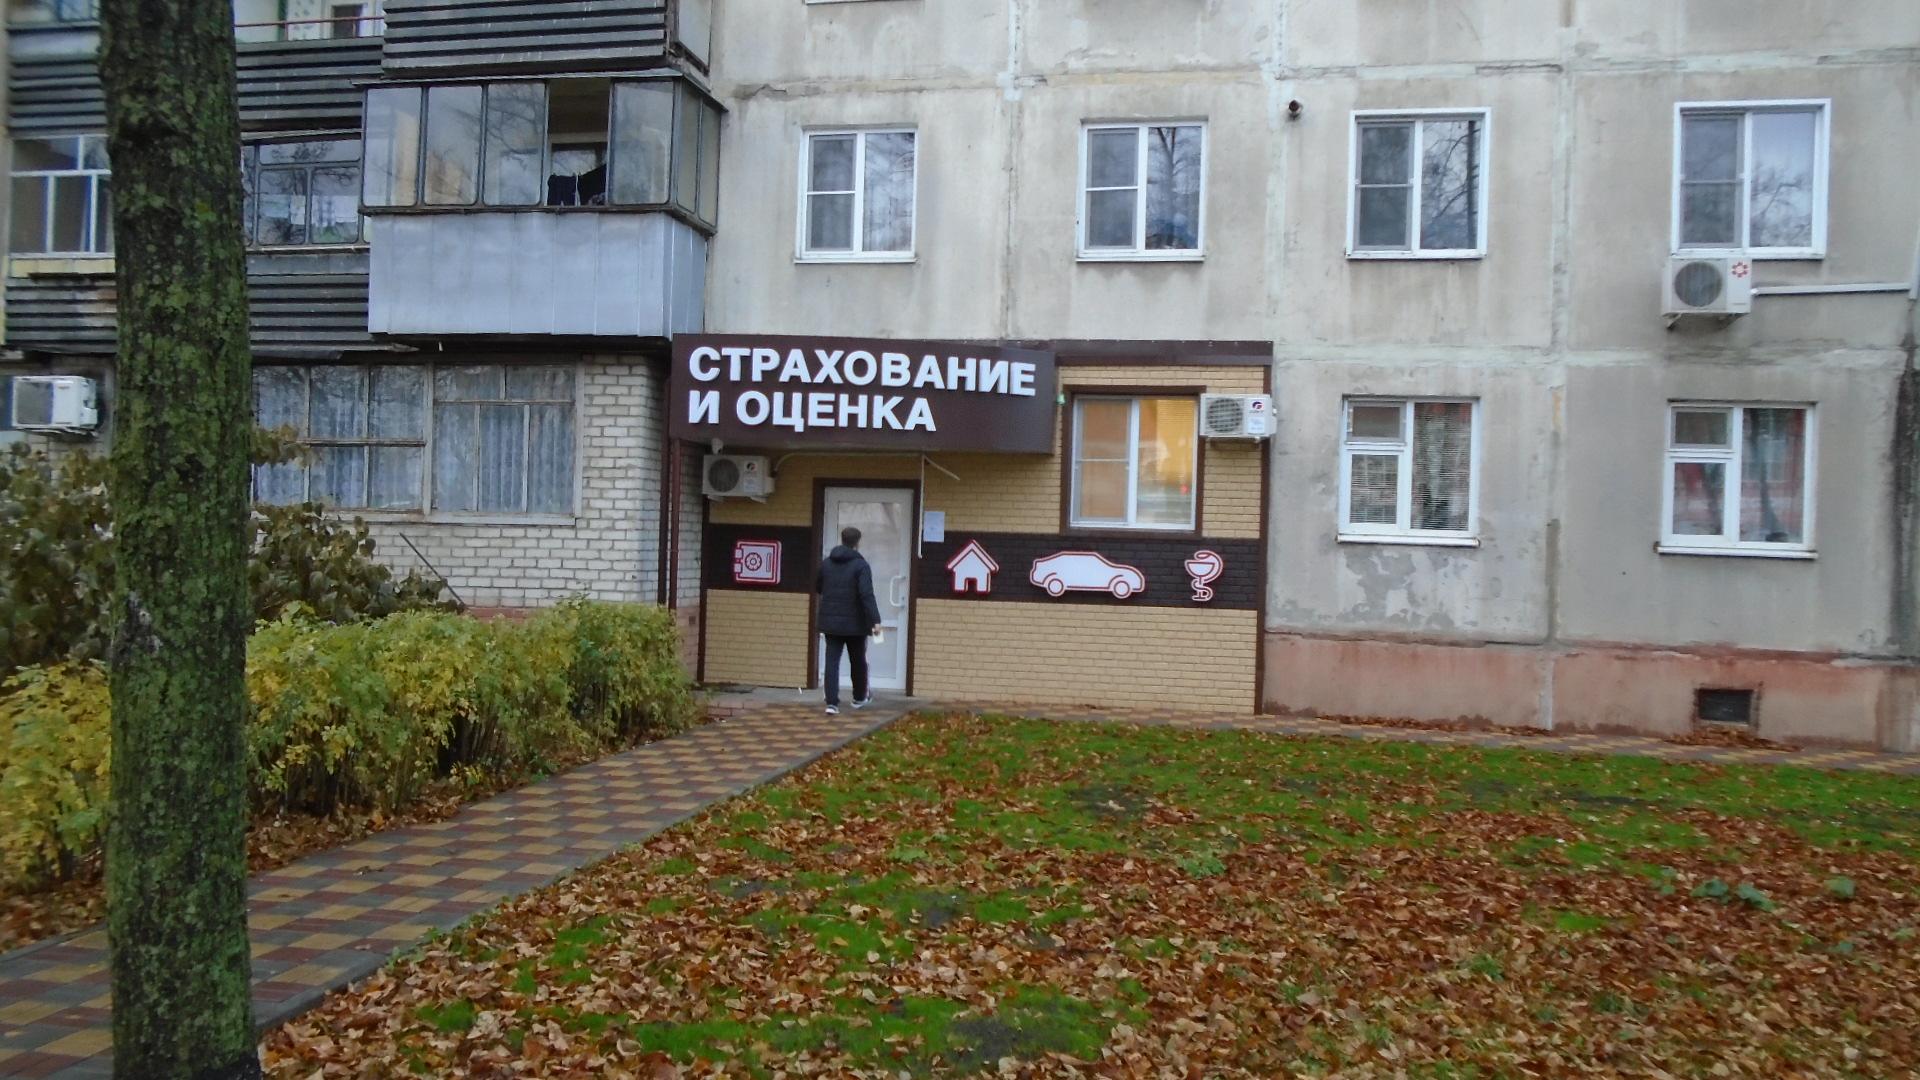 http://kursk2009.ucoz.ru/newavto/DSC00178.jpg